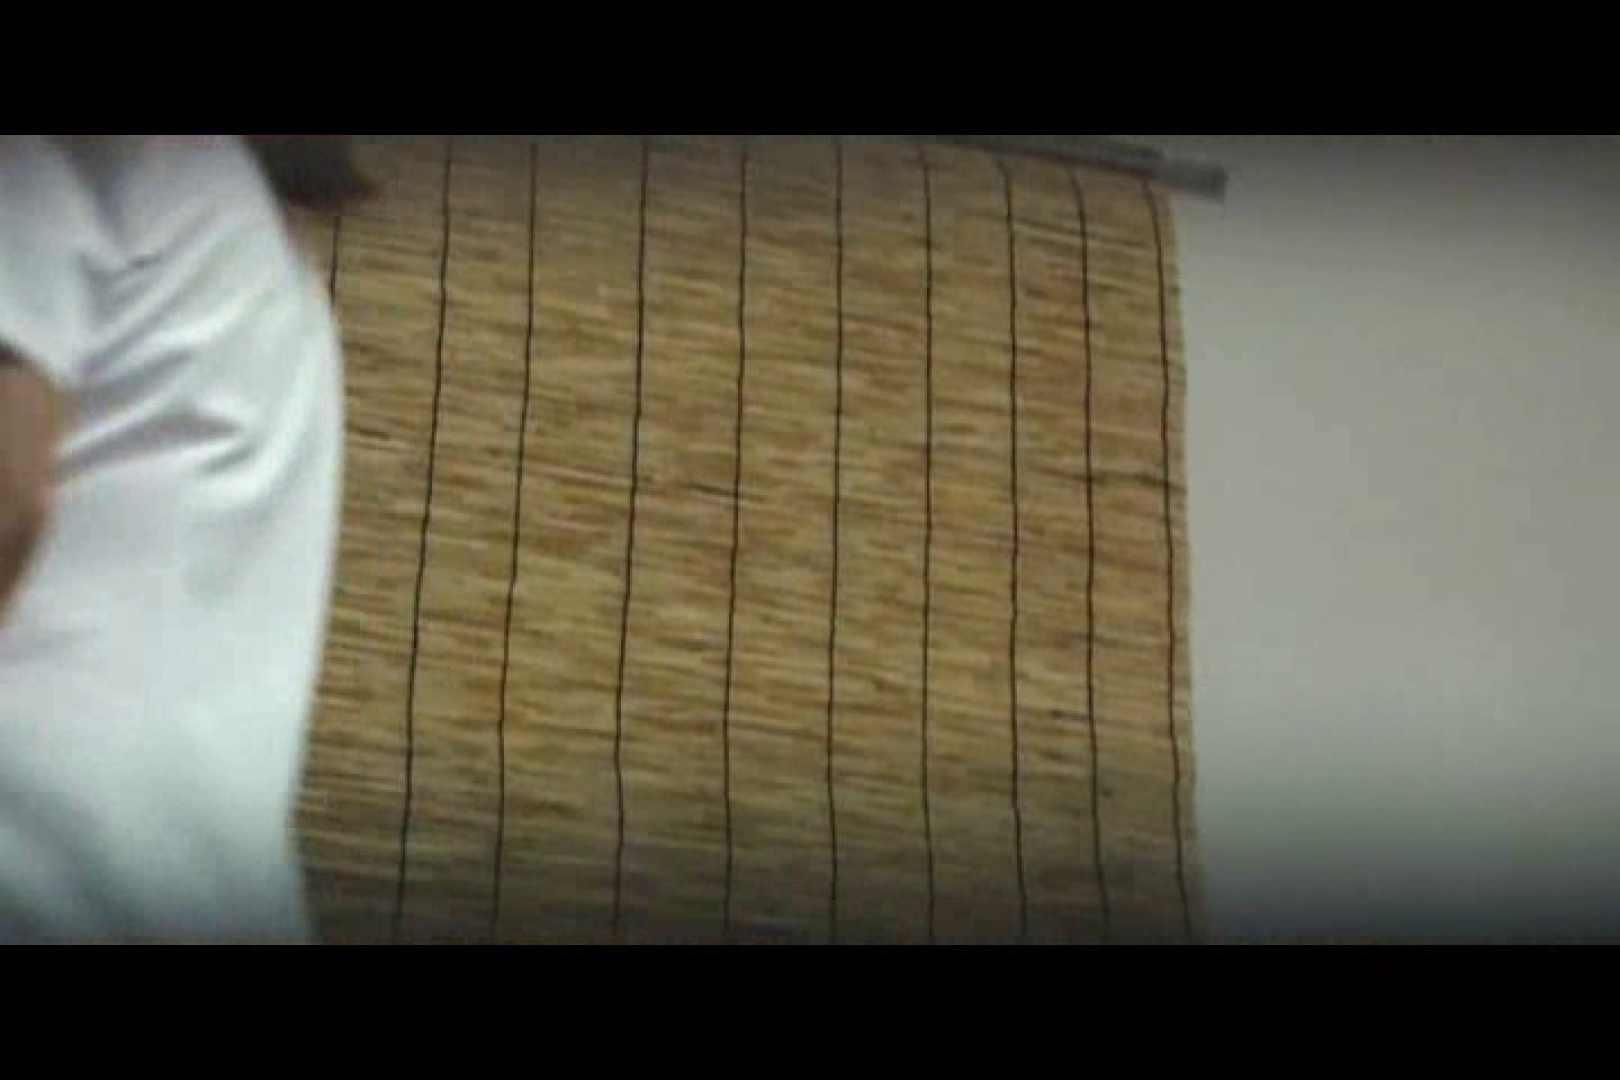 独占配信!無修正! 看護女子寮 vol.08 ナースのエロ動画 ヌード画像 113PIX 62